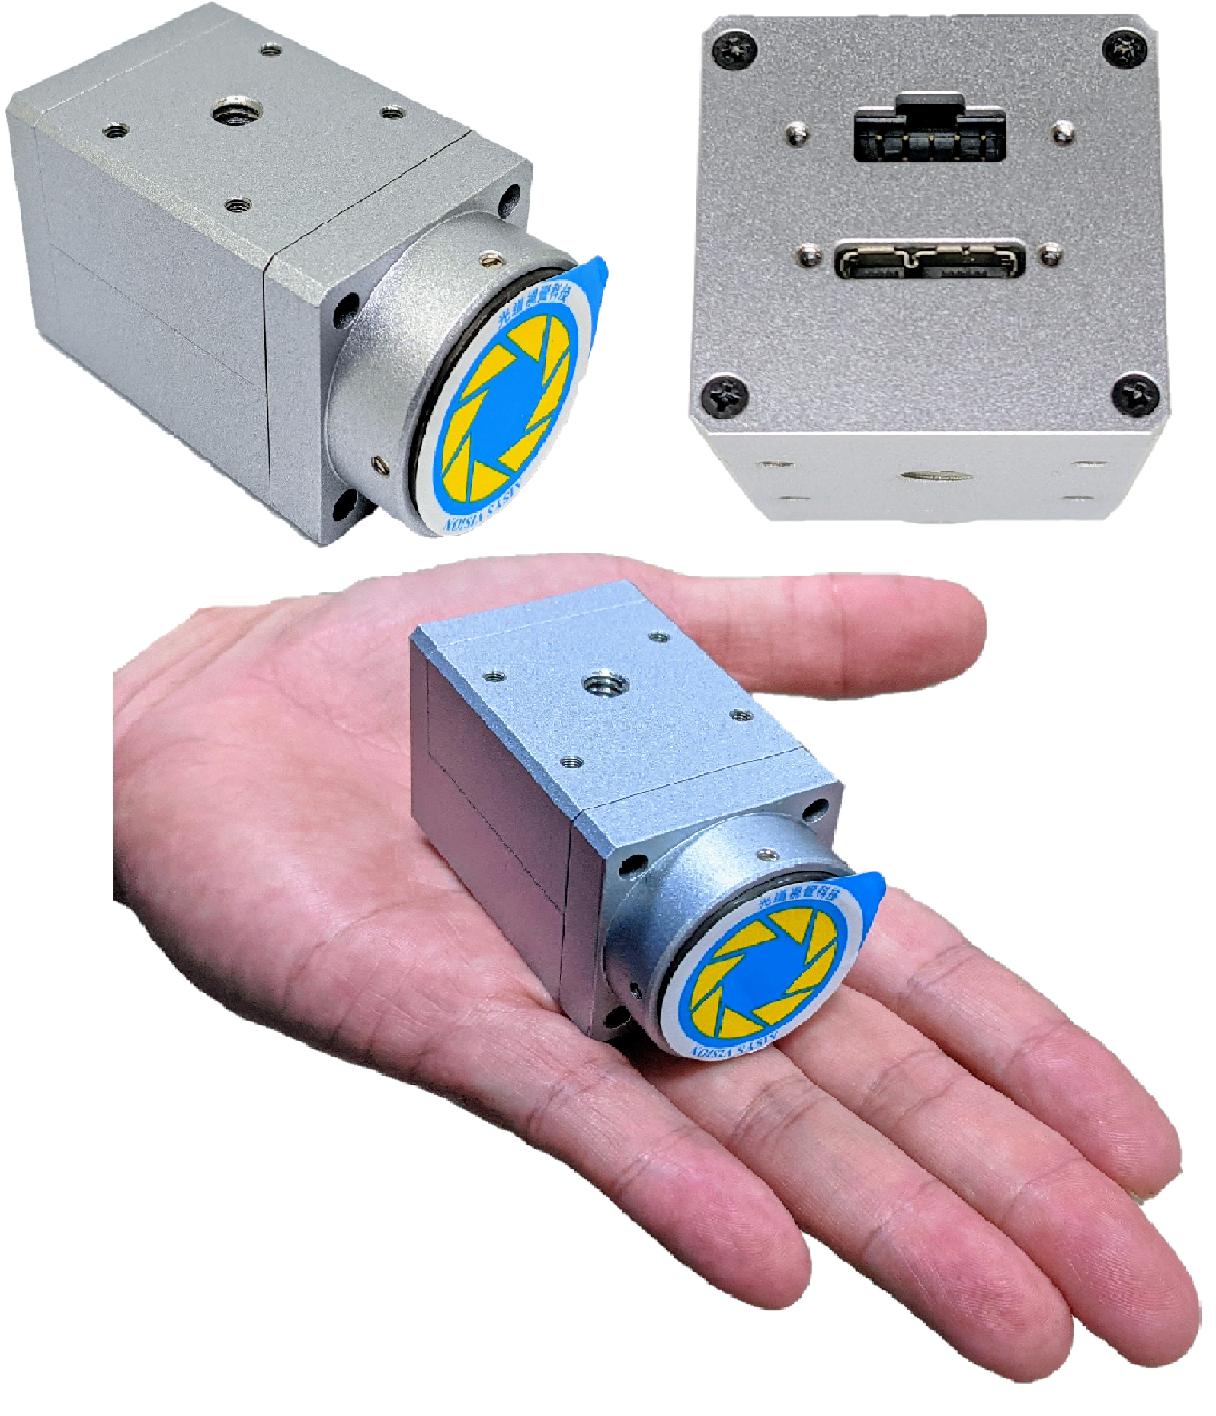 CYCLOPS SU300F-108攝影機-3.0M像素、非同步式、灰階、內建LED燈源控制器